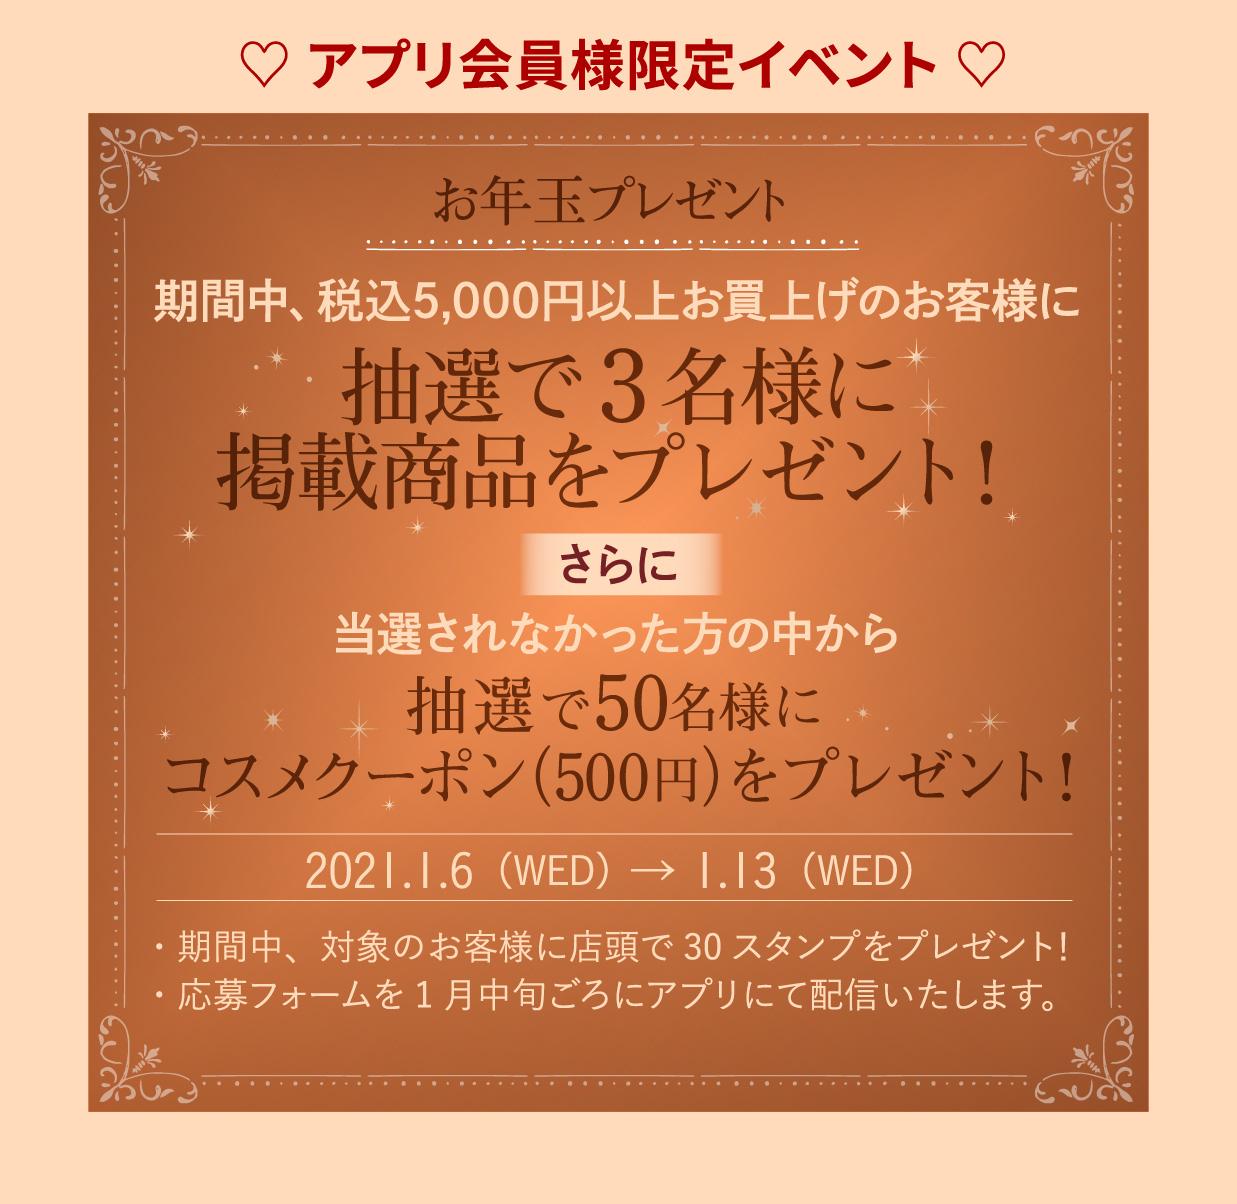 アプリ会員様限定イベント お年玉プレゼント